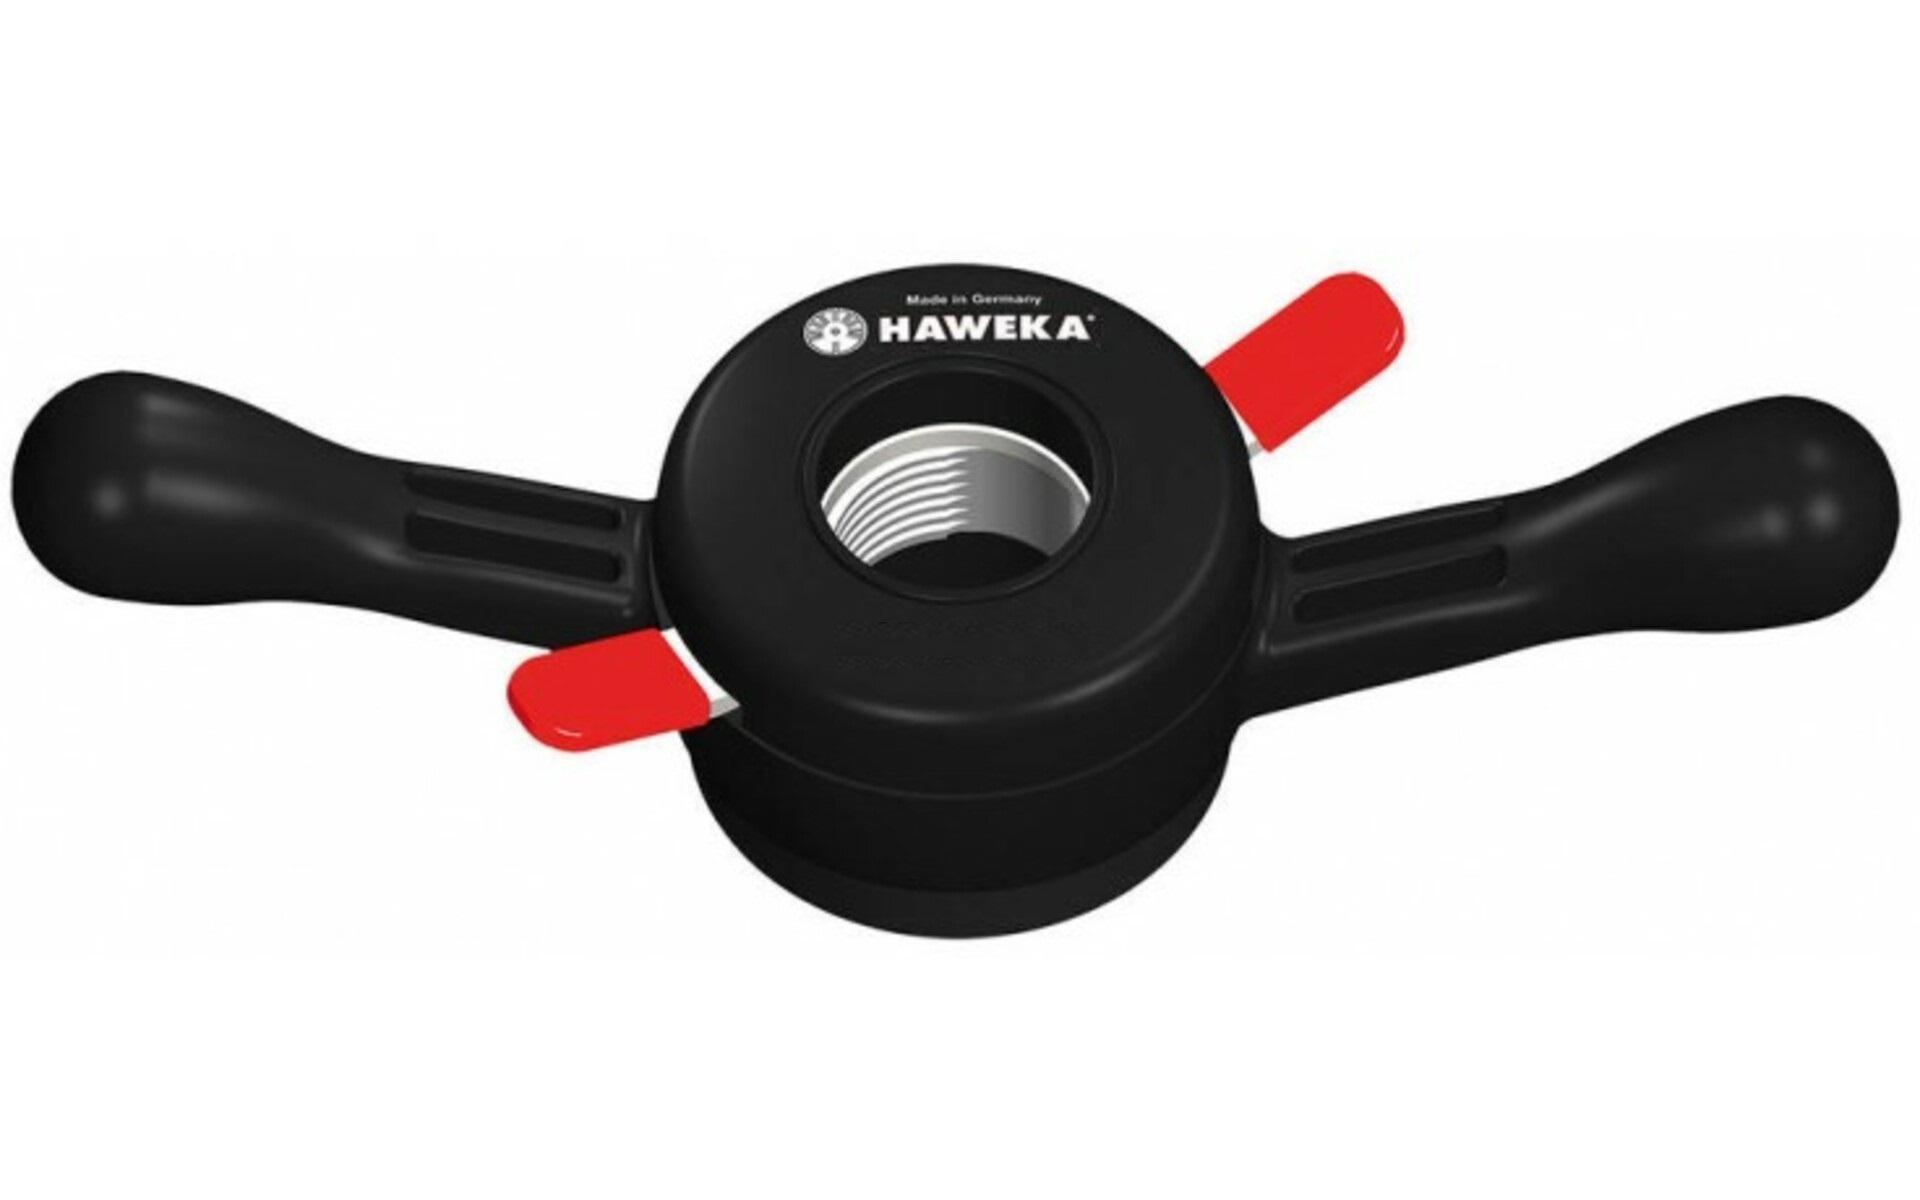 Rychloupínací matice 40x3 mm, pro vyvažovačky - HAWEKA ProGrip